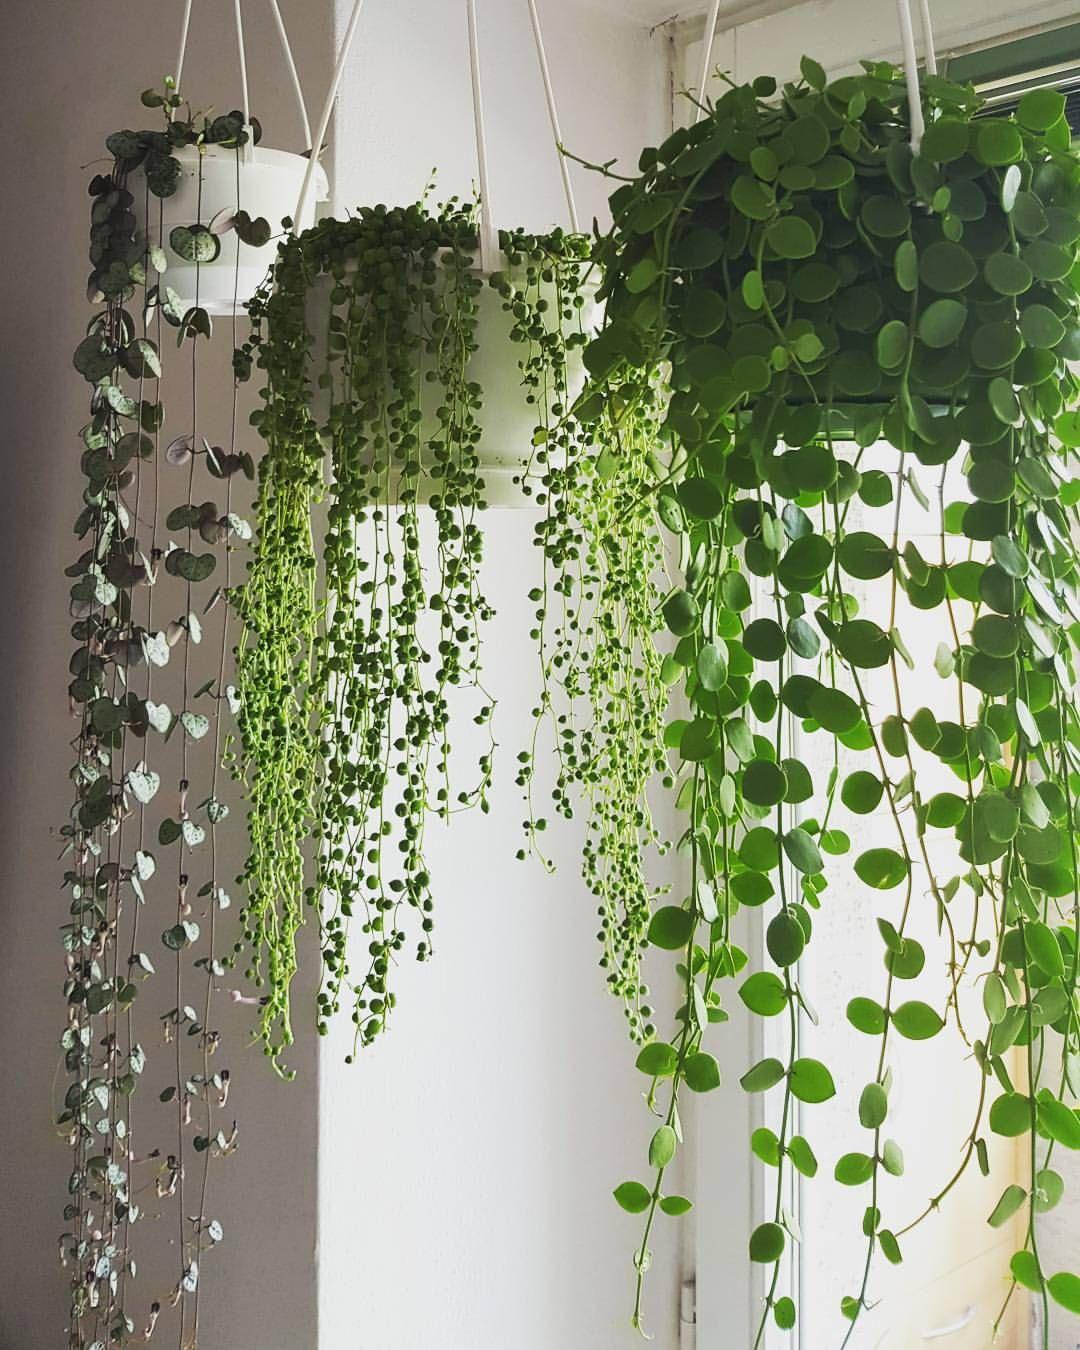 plantas colgantes plantas exterior e interior en 2019 plantas colgantes plantas. Black Bedroom Furniture Sets. Home Design Ideas